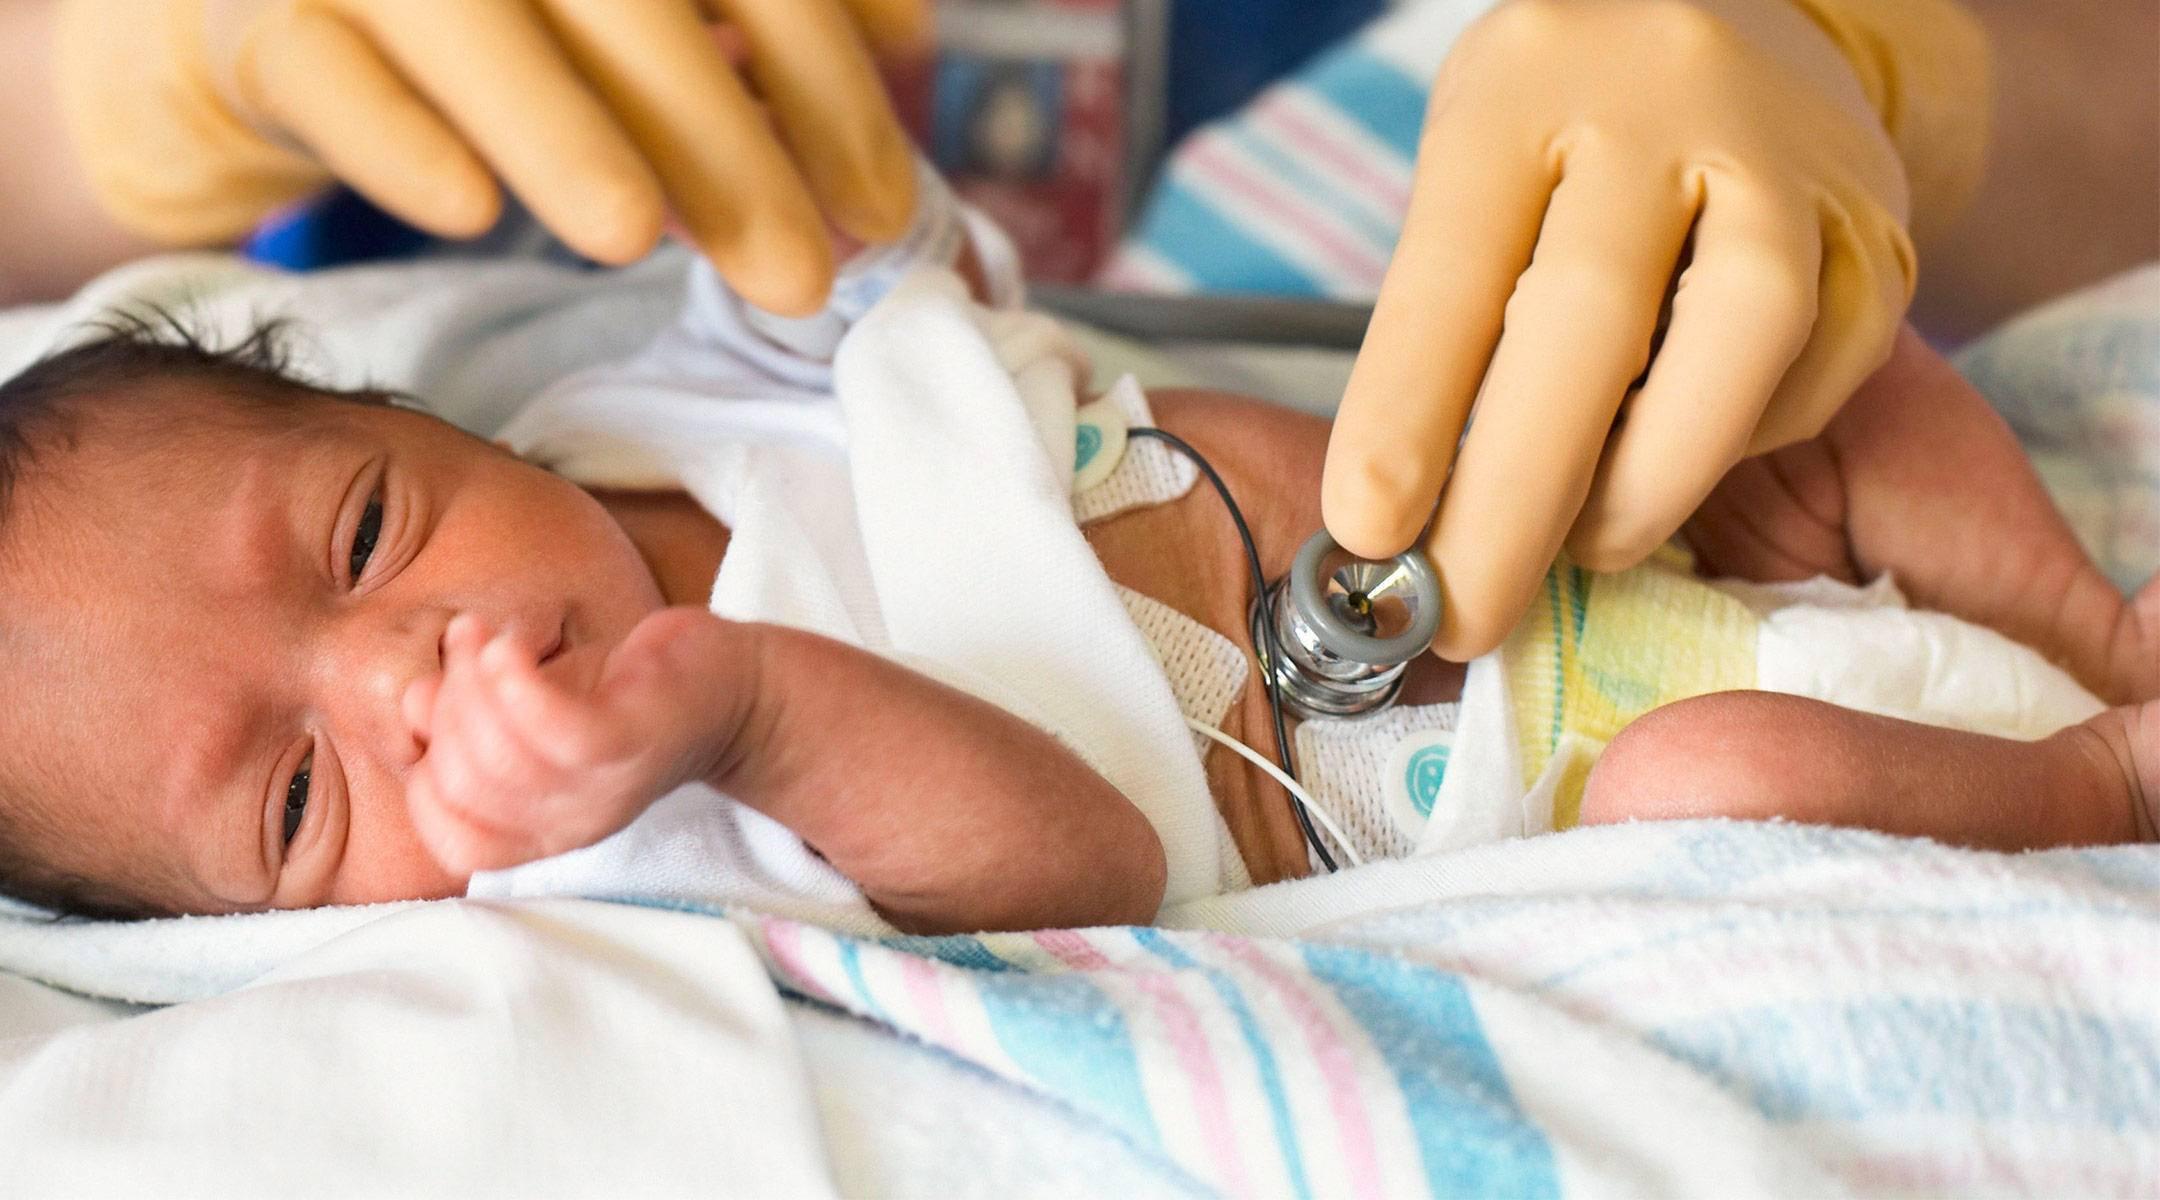 Остеомиелит у детей: симптомы, типы, диагностика, лечение